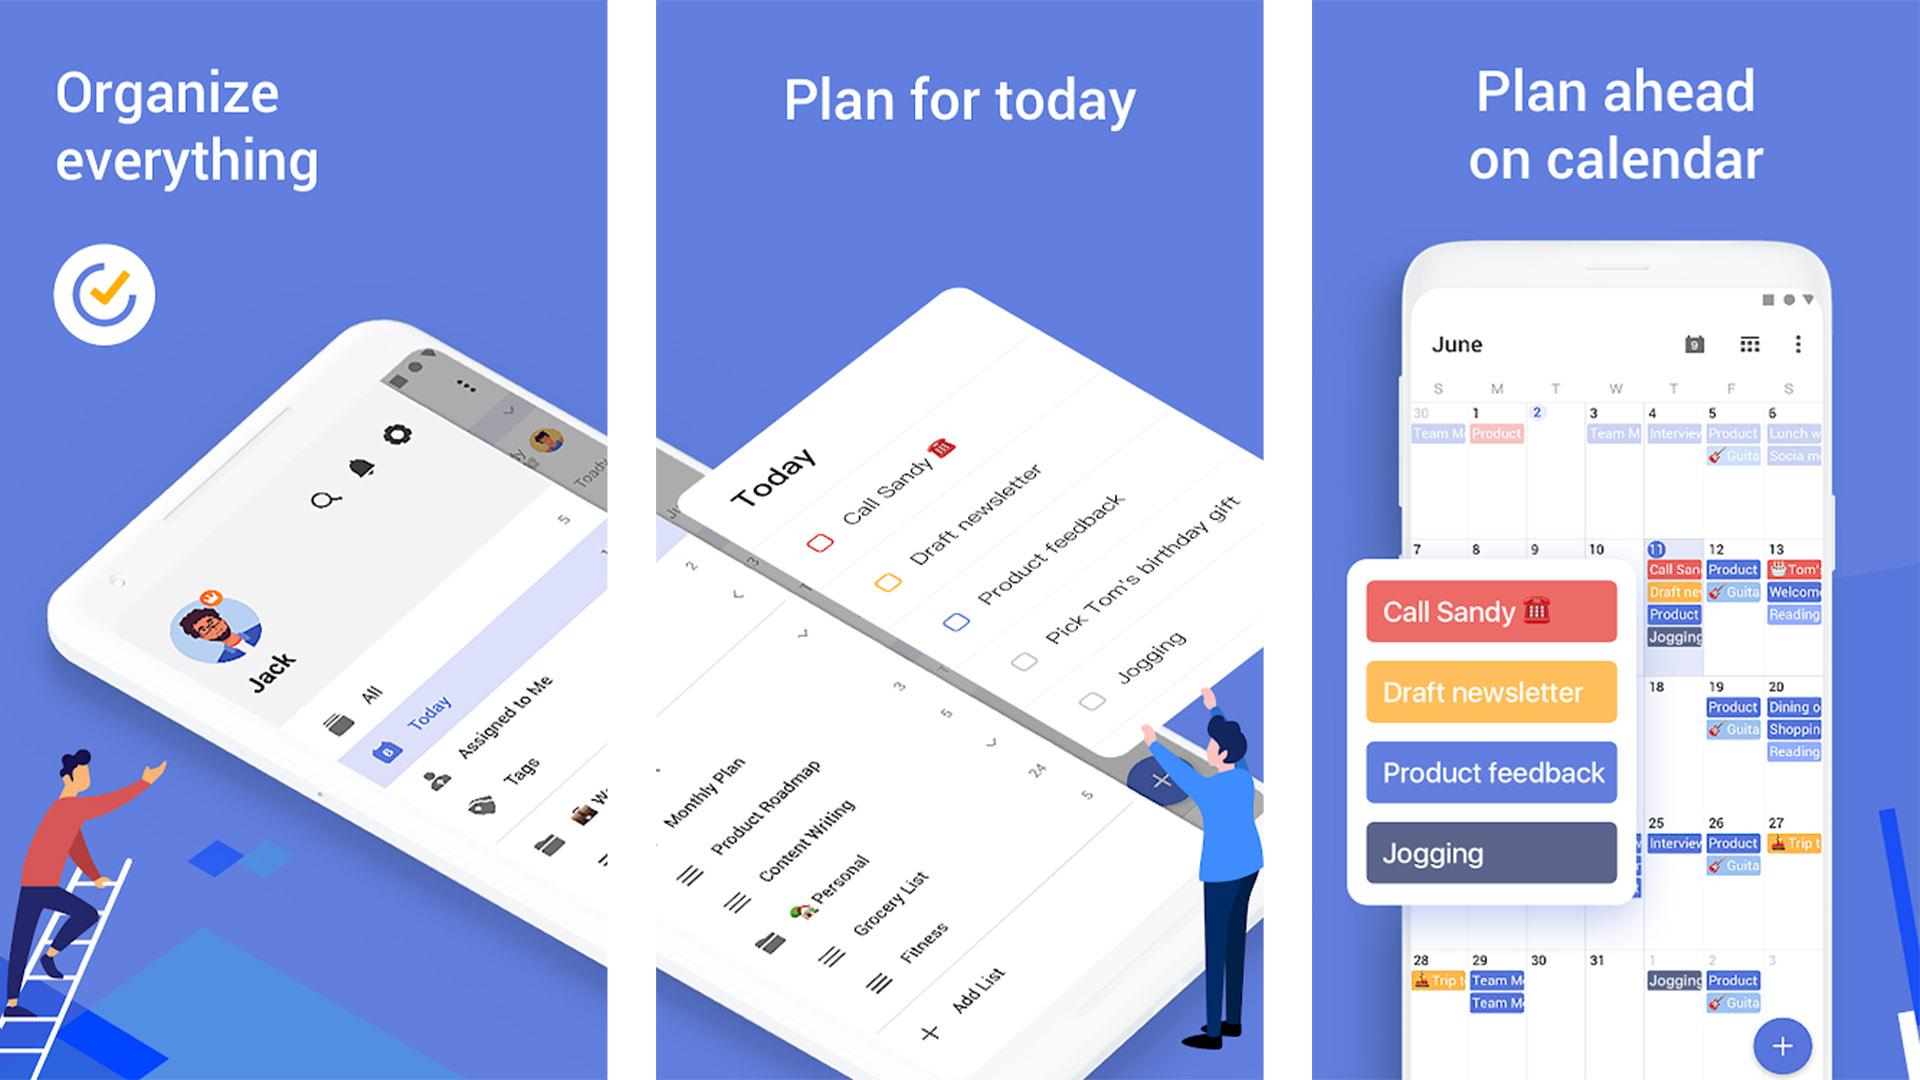 TickTick screenshot 2020